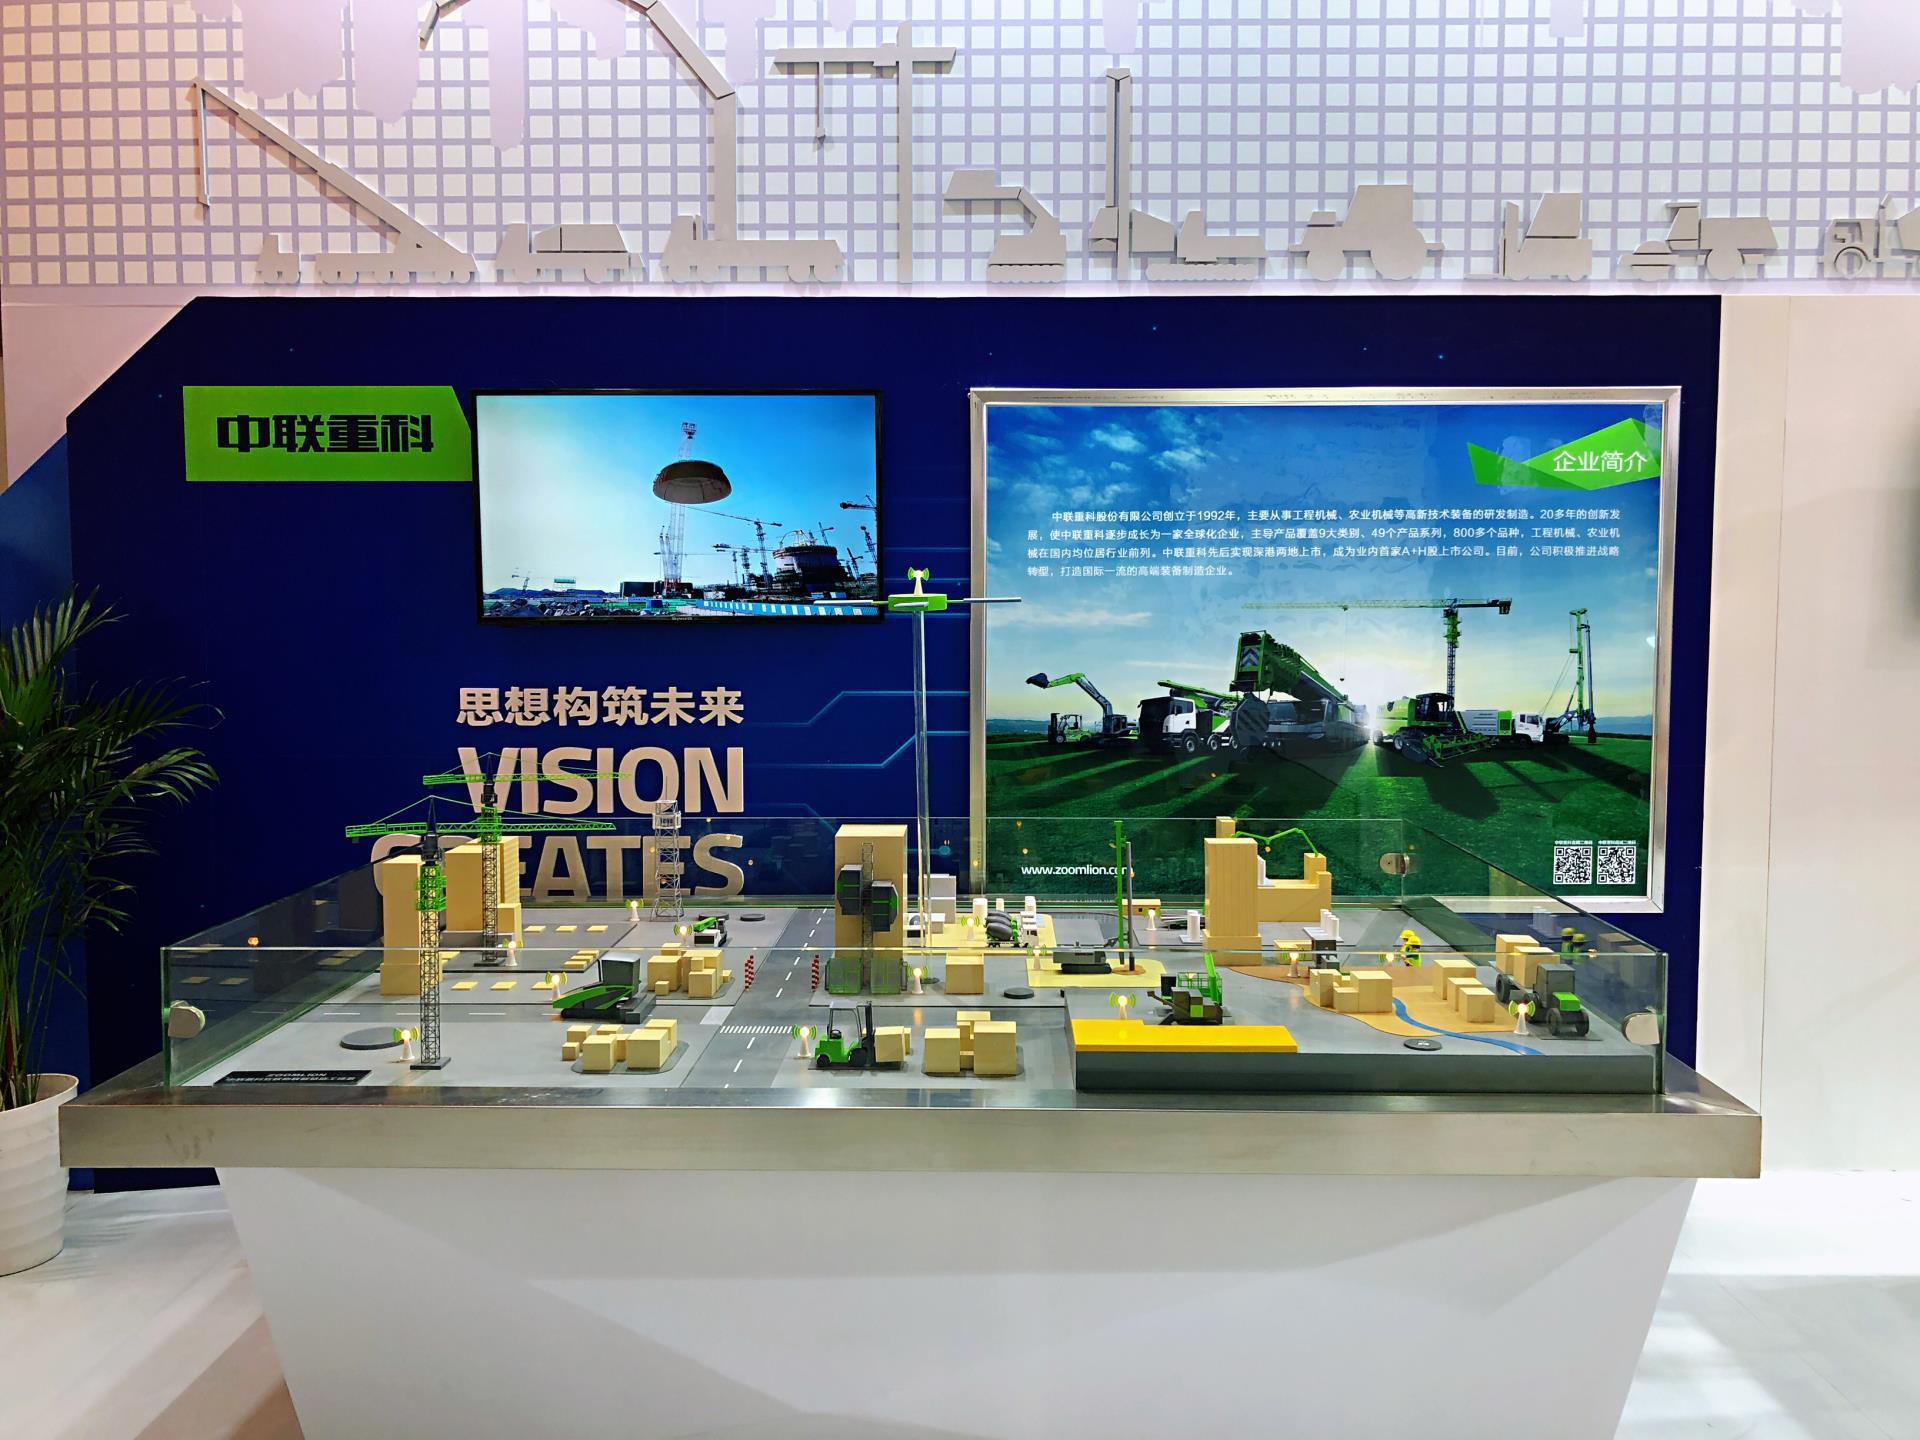 中国品牌日:中联重科亮相国家品牌展展中国制造的世界级魅力